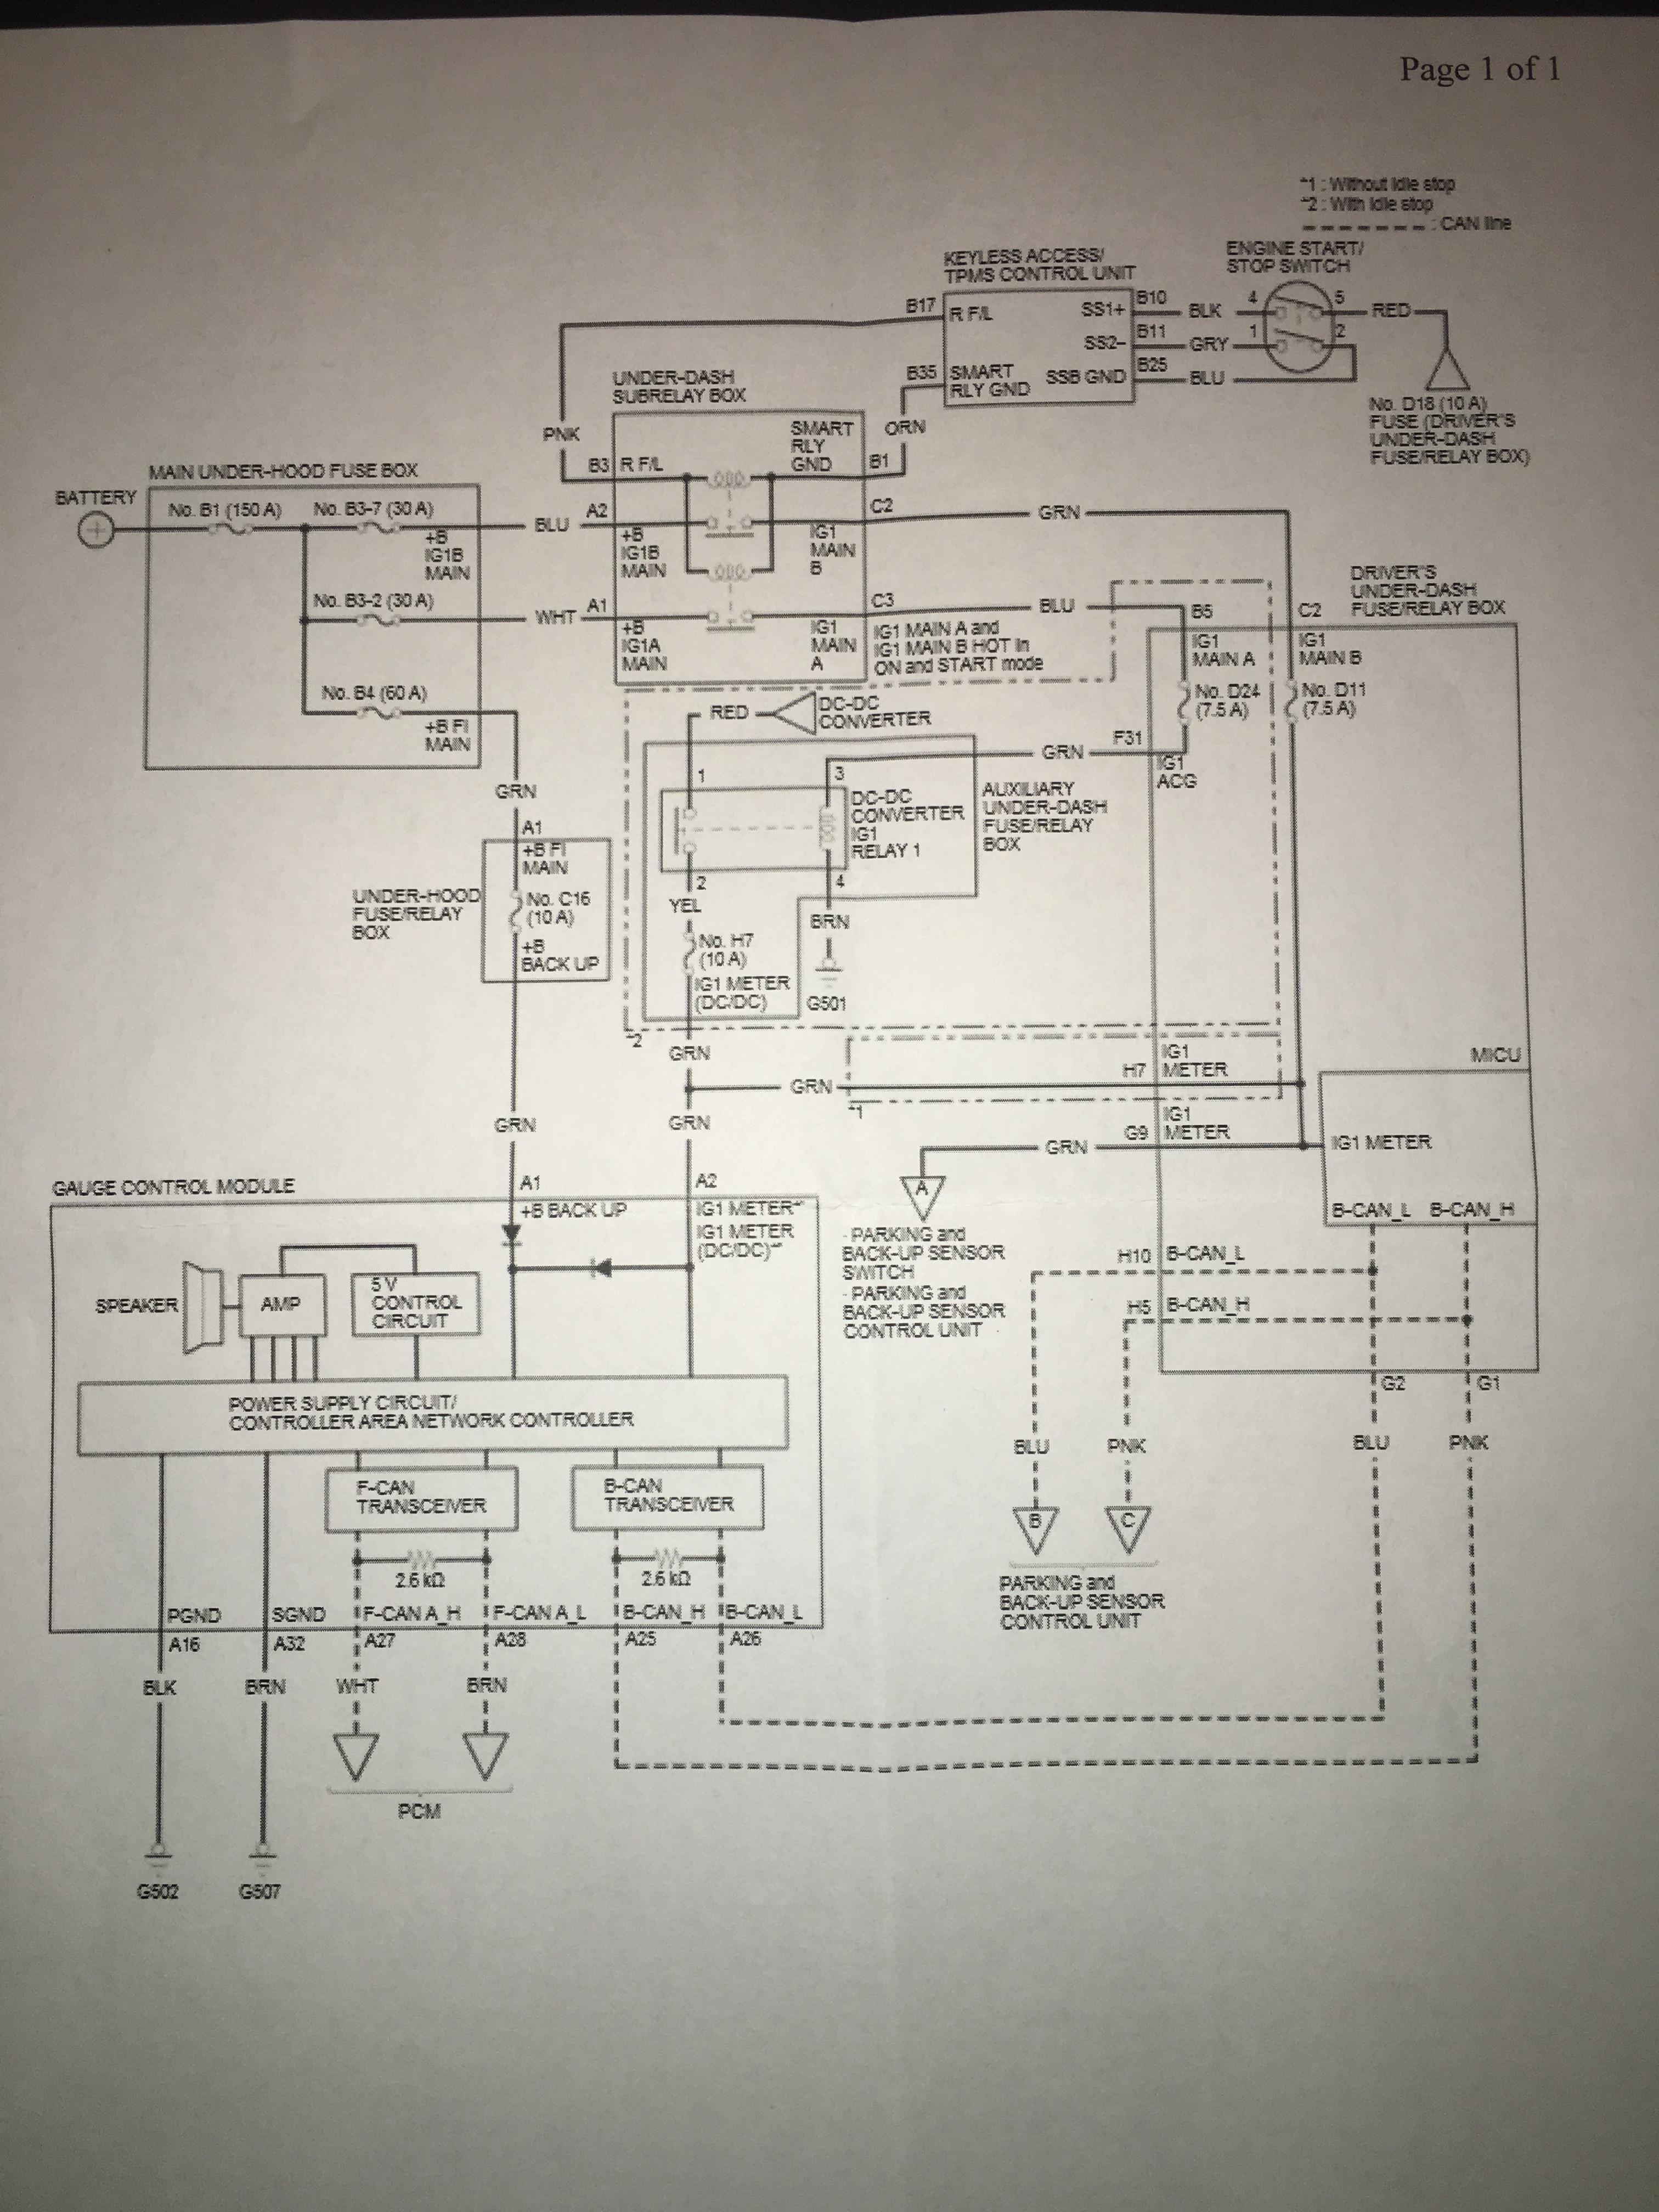 Atemberaubend Schaltplan 2007 Acura Mdx Zeitgenössisch - Schaltplan ...